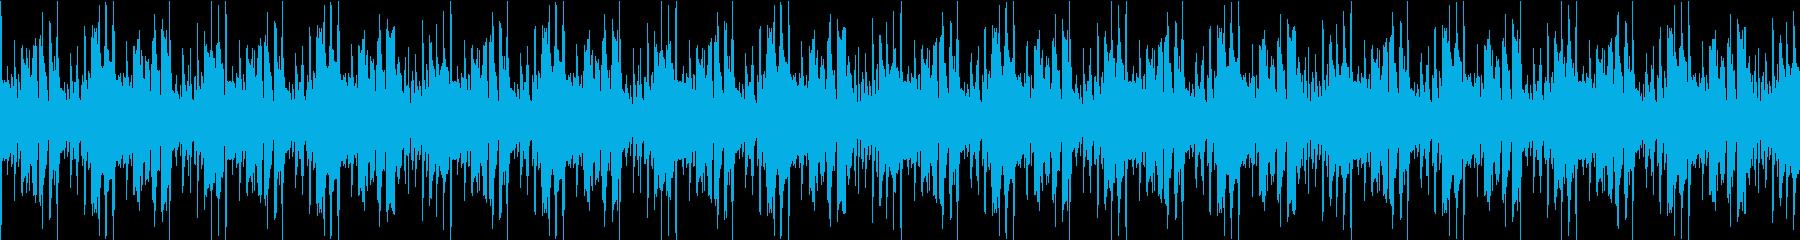 ループ可能なラテン風音源の再生済みの波形